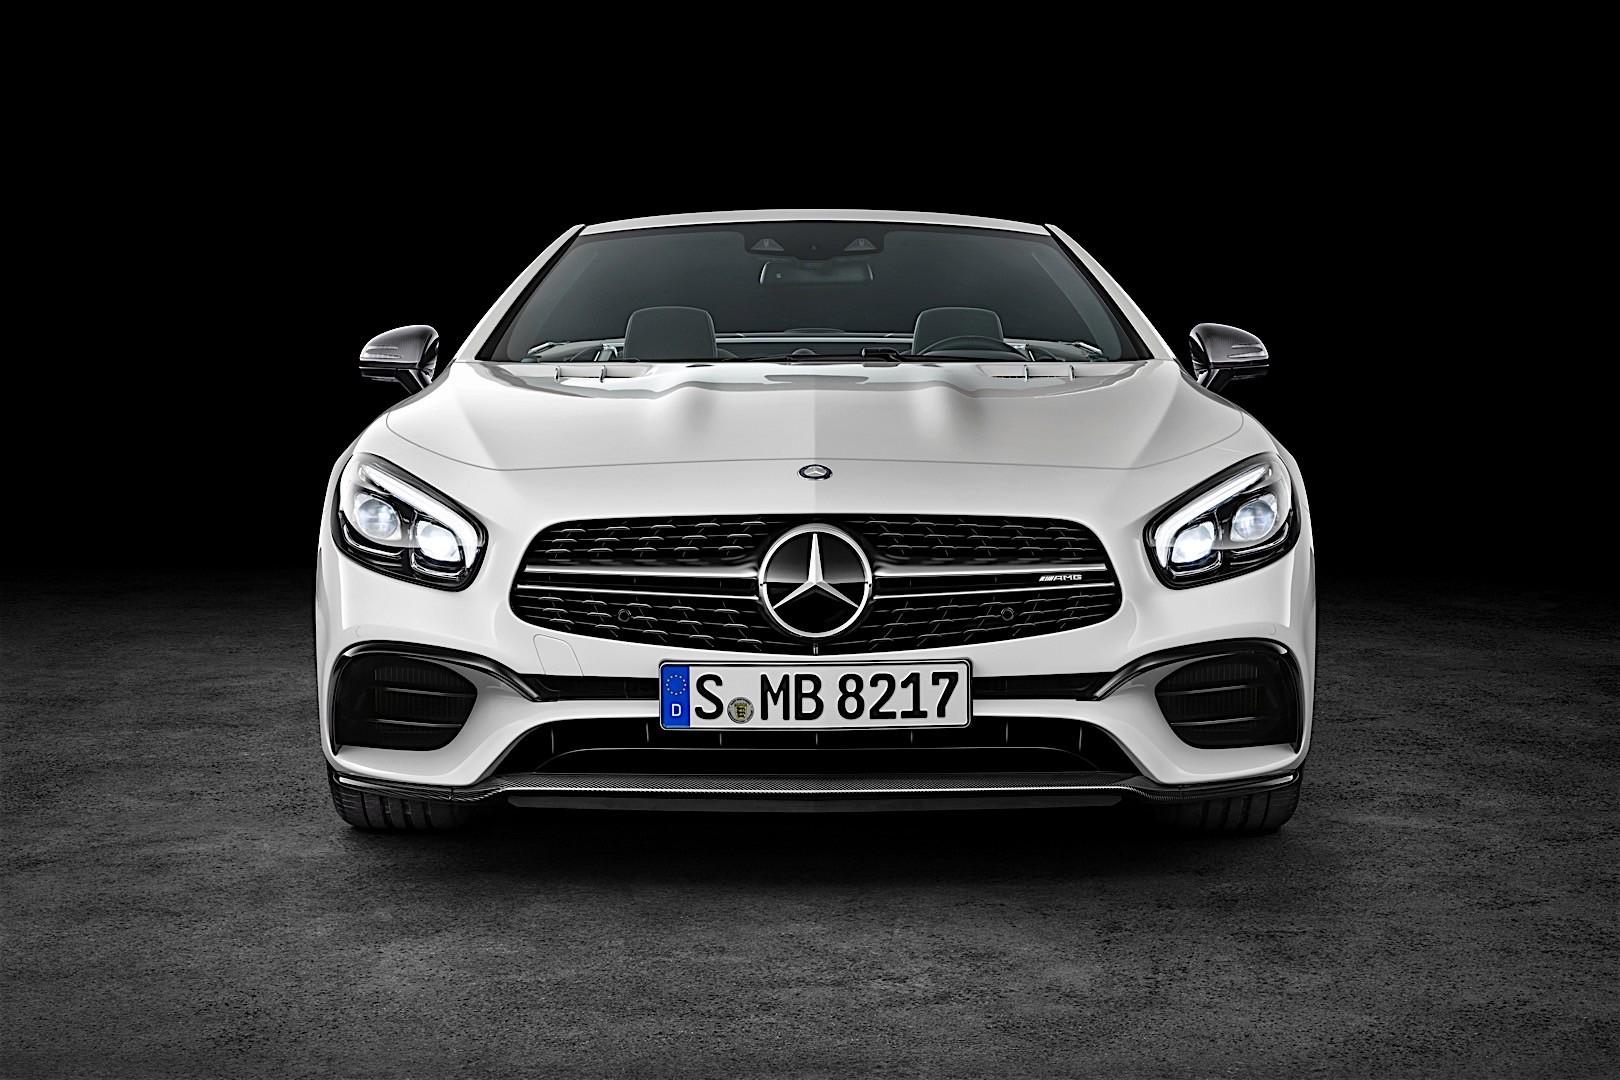 Mercedes Benz Sl 63 Amg R231 Specs 2016 2017 2018